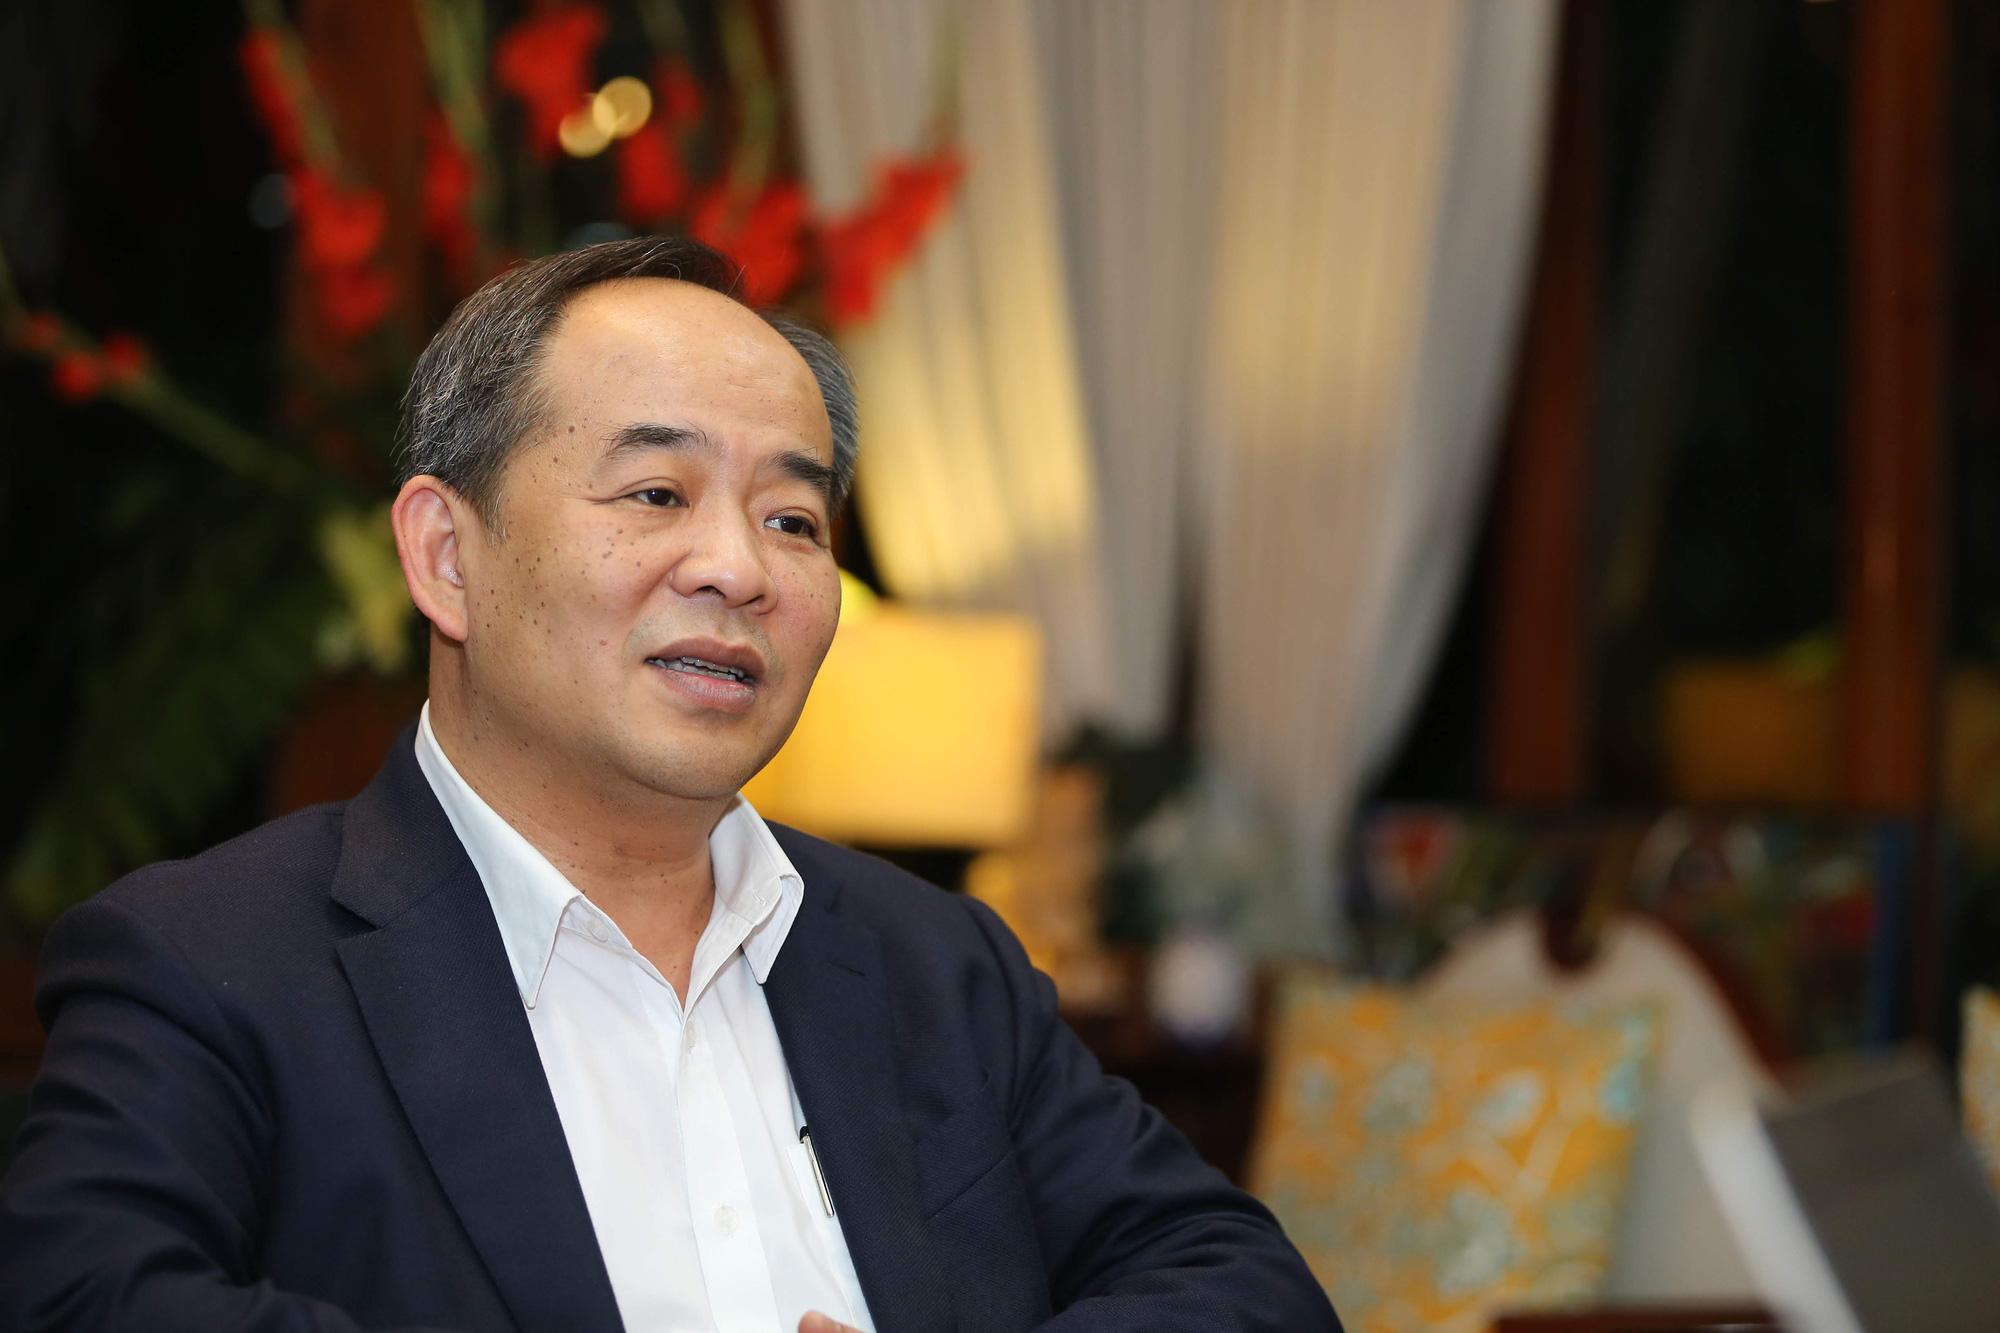 Thứ trưởng Bộ VHTTDL, Chủ tịch Liên đoàn Bóng đá Việt Nam Lê Khánh Hải: Các cầu thủ đã thể hiện được khát vọng, ý chí, tinh thần Việt Nam - Ảnh 1.